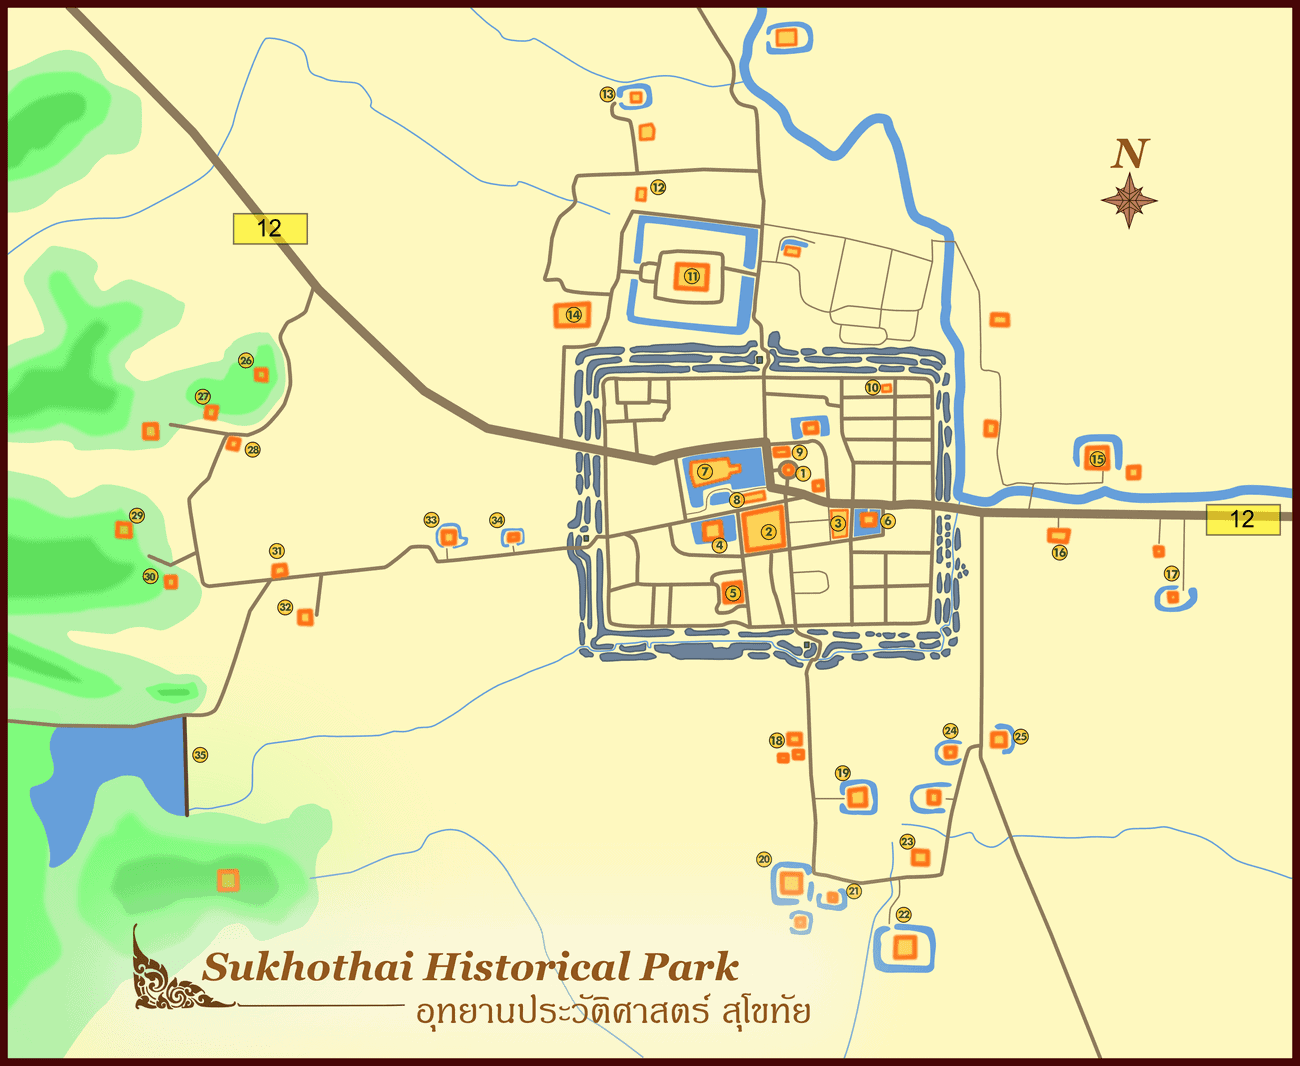 Carte Thailande Sukhothai.La Ville De Sukhothai Et Son Site Historique